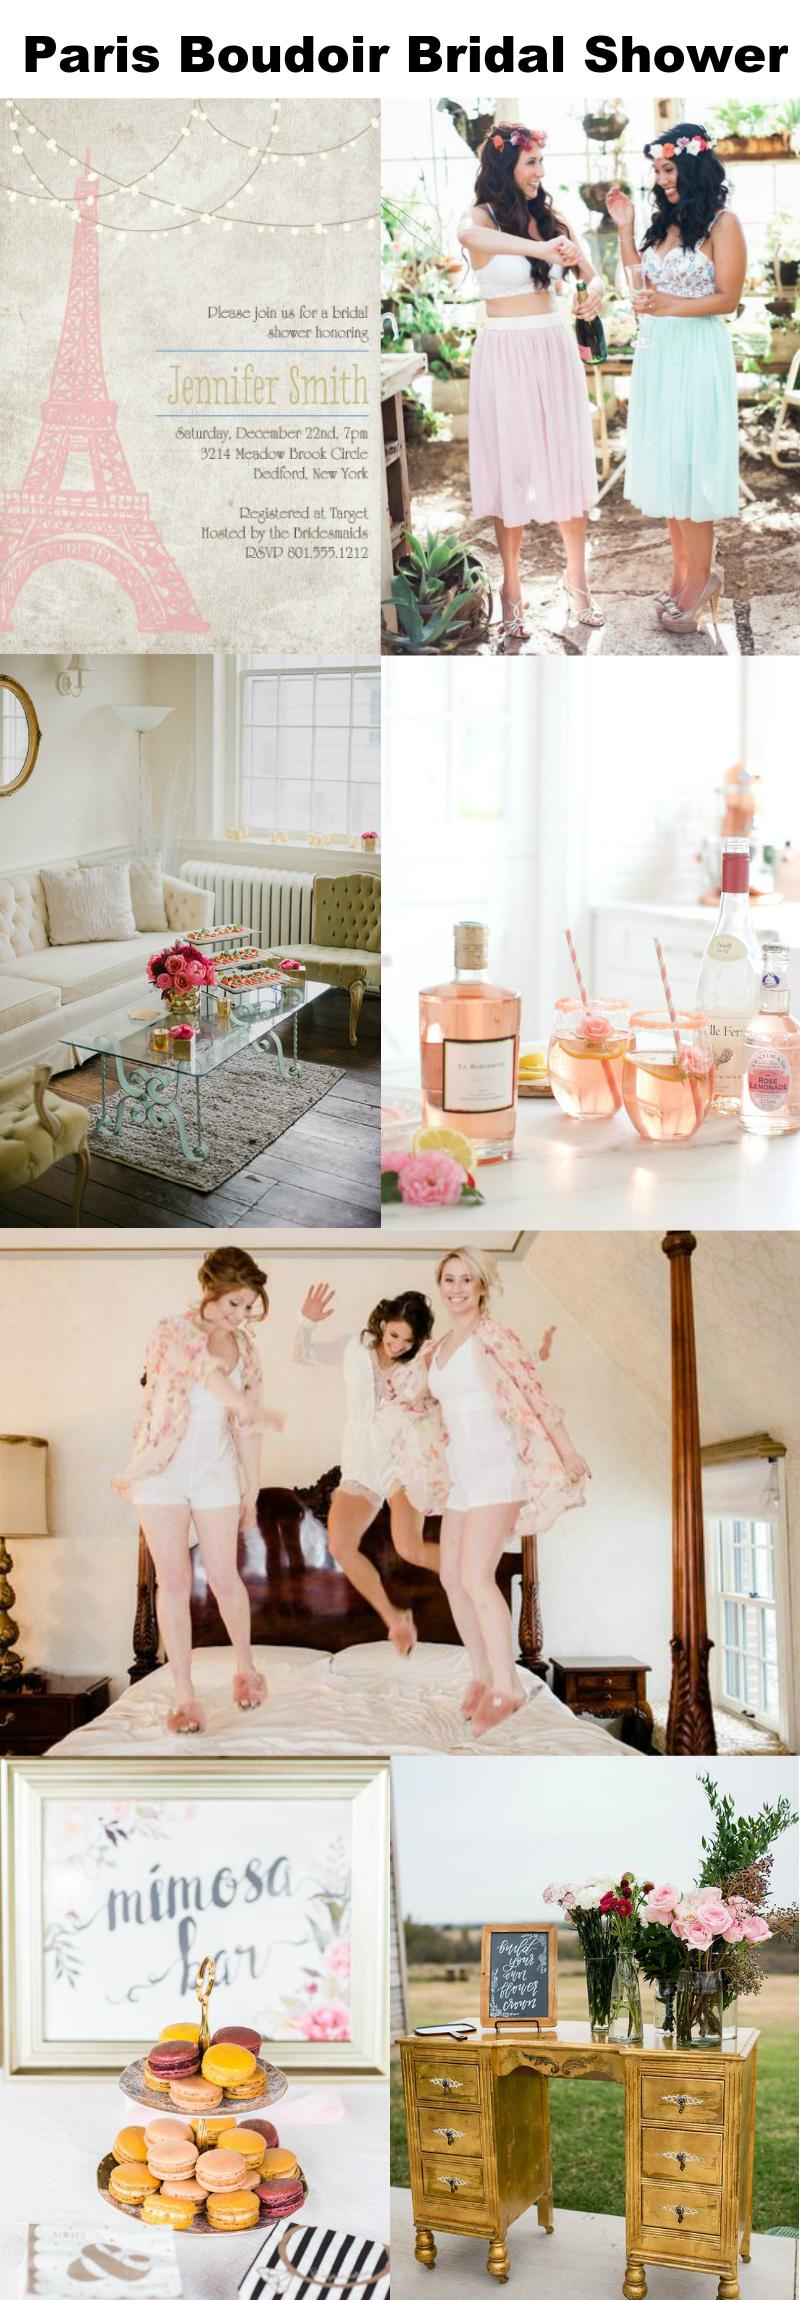 aeffec868e8d Does the bride love Paris  Plan her a Parisian boudoir bridal shower with  these ideas